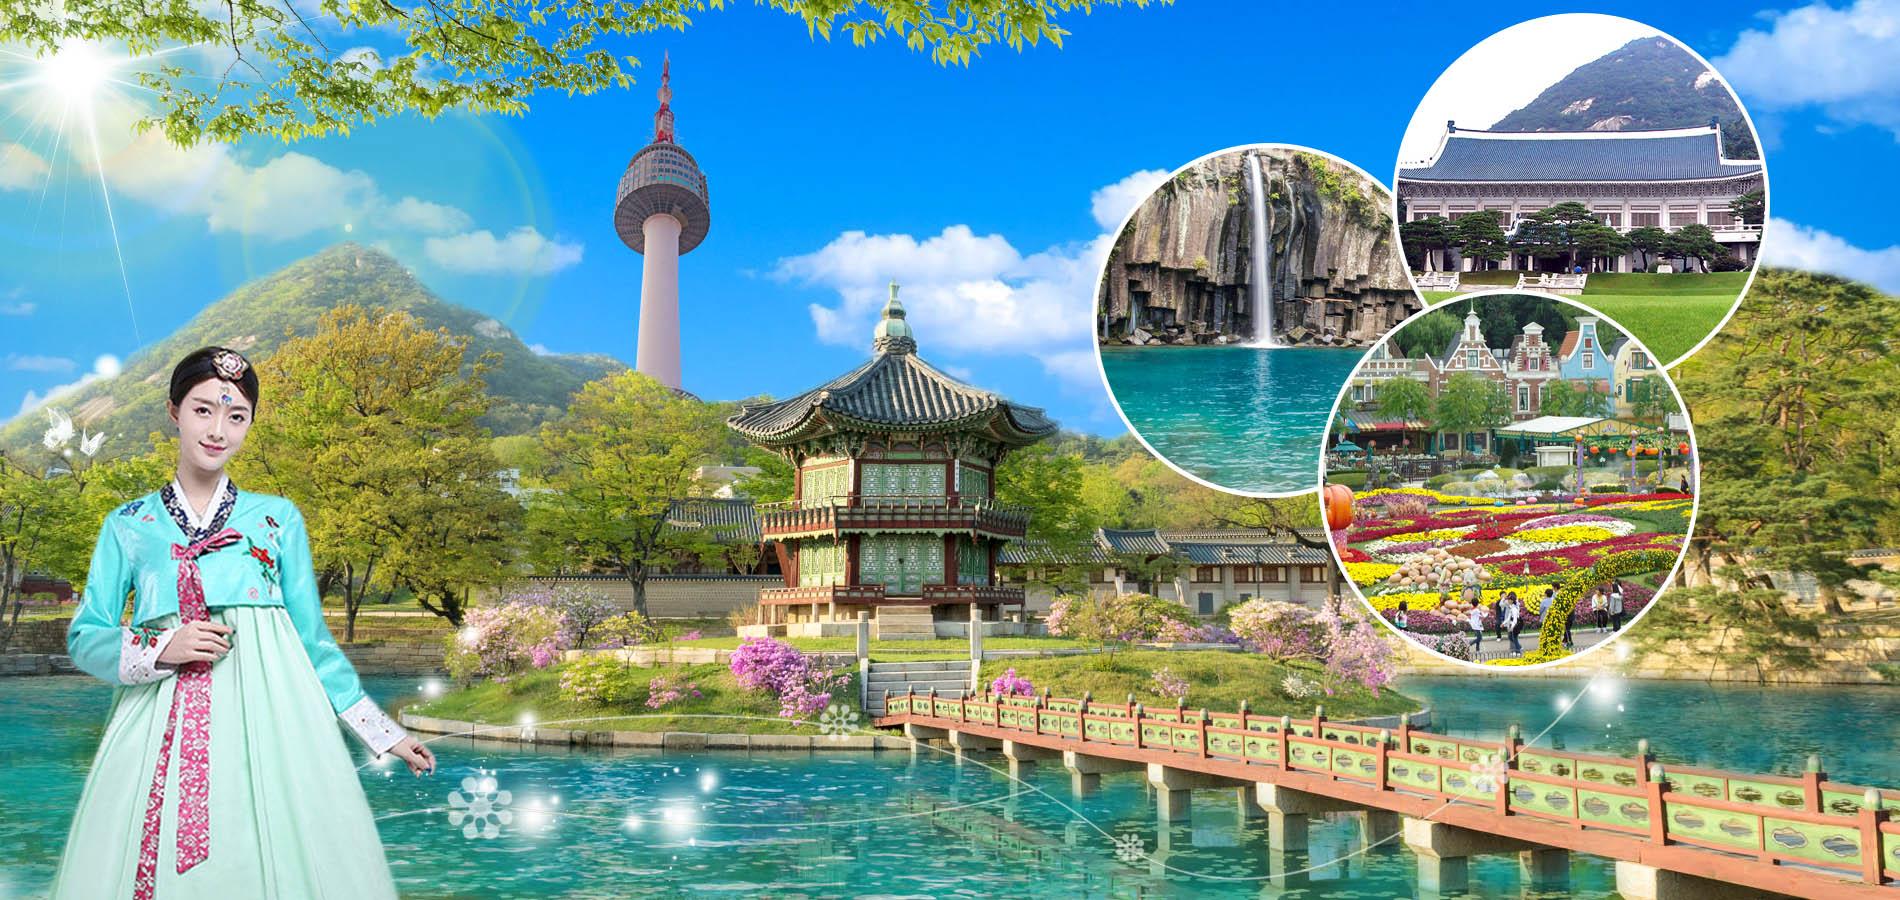 Học tiếng Hàn ở đâu tại Đà Nẵng hiệu quả nhất